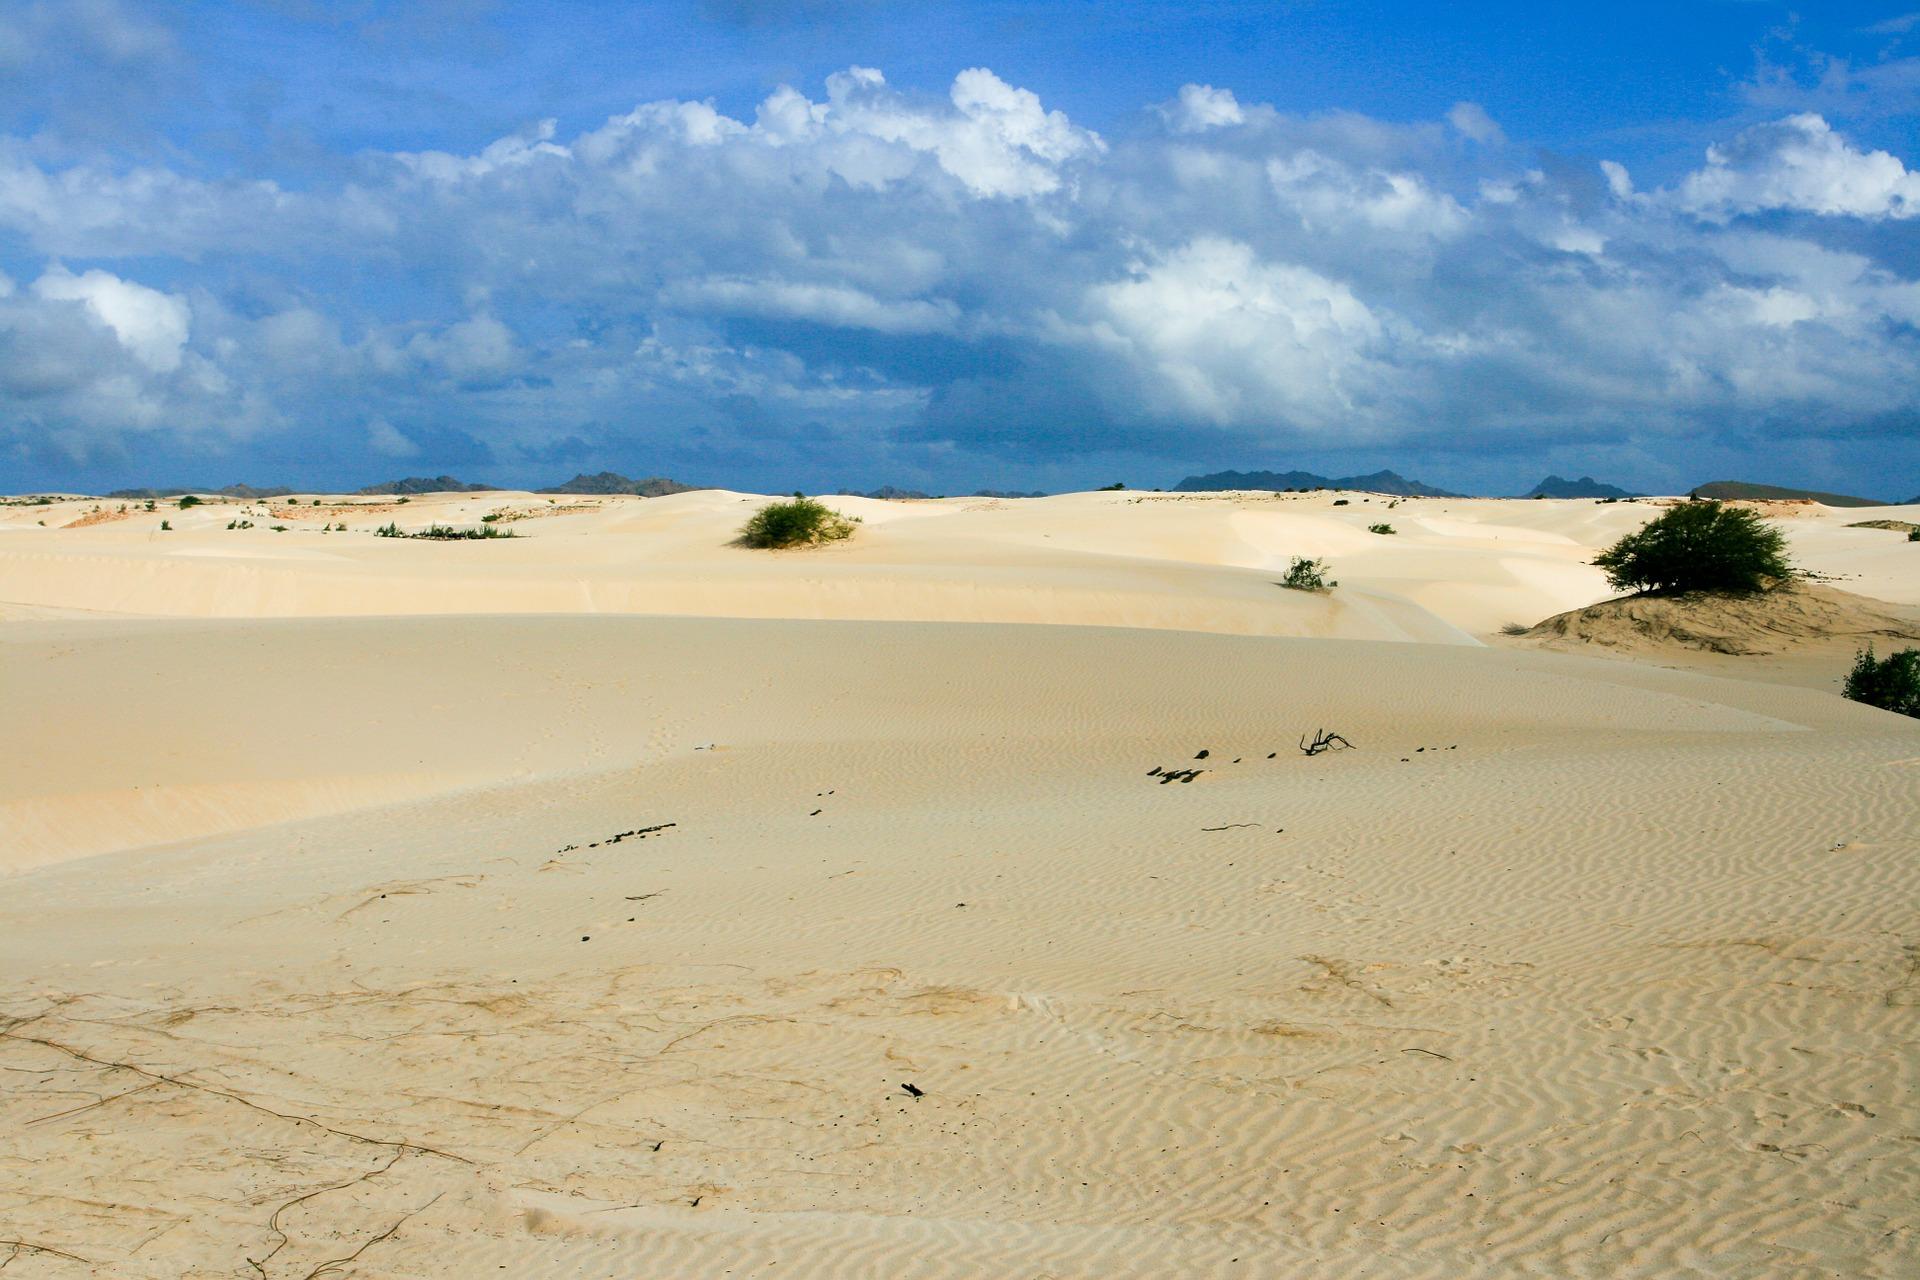 Wüste auf den Kapverdischen Inseln - Boa Vista